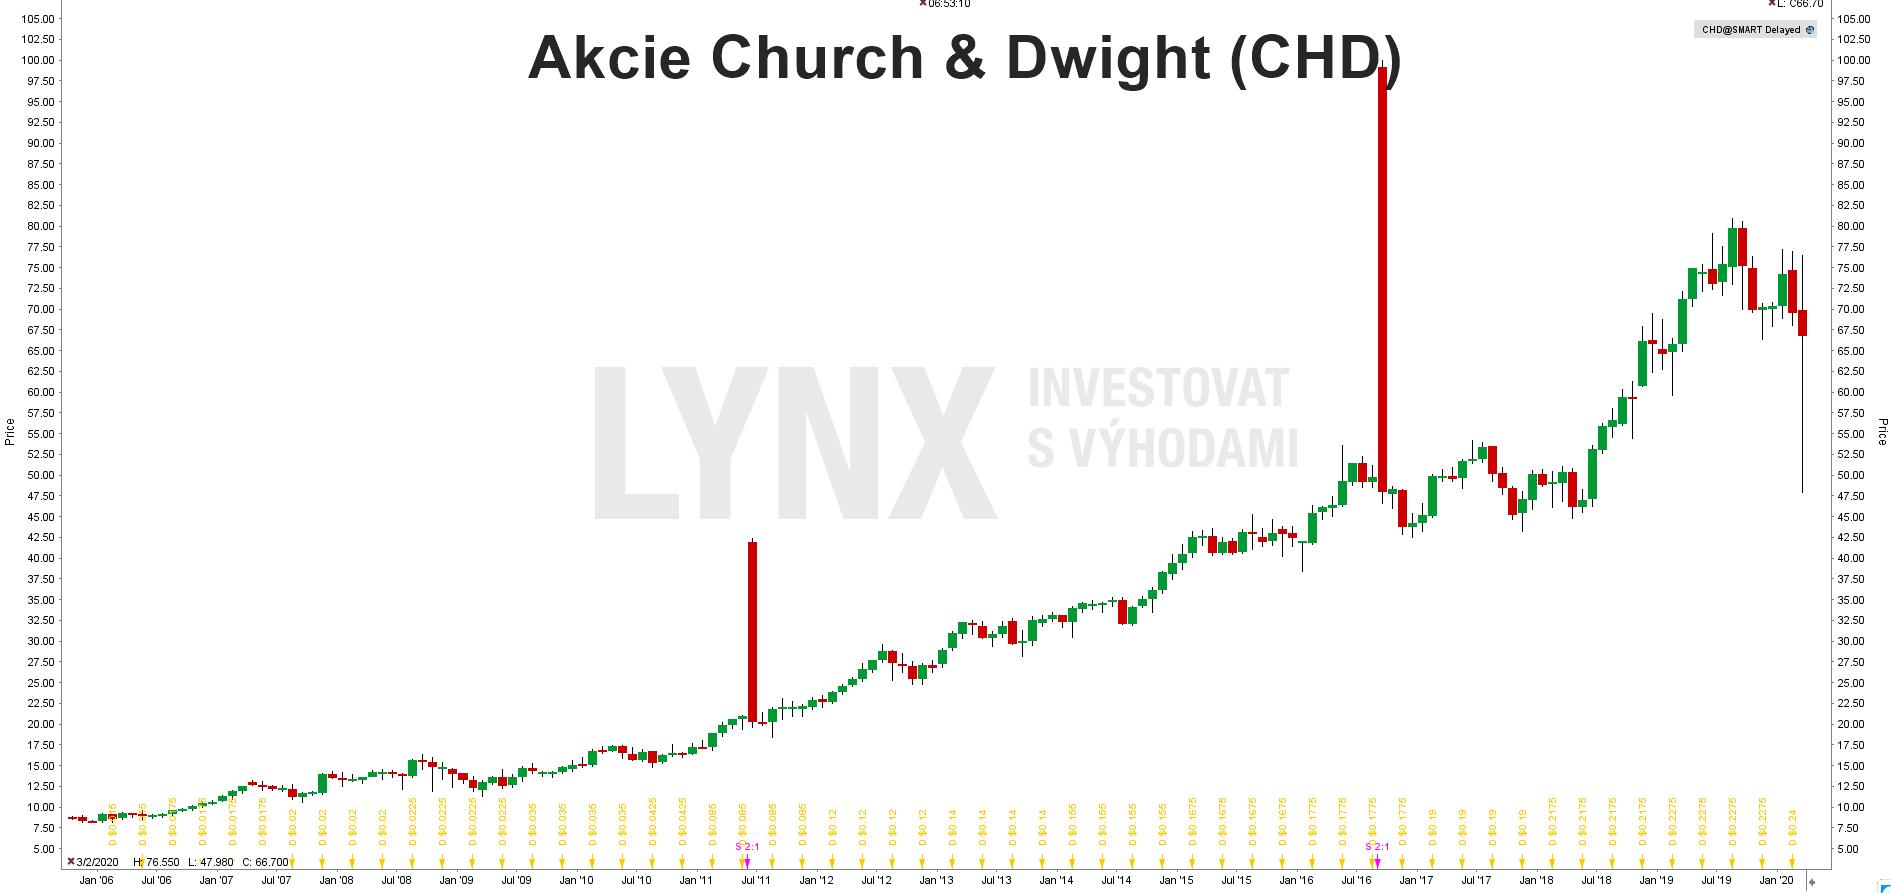 Graf akcie Church & Dwight